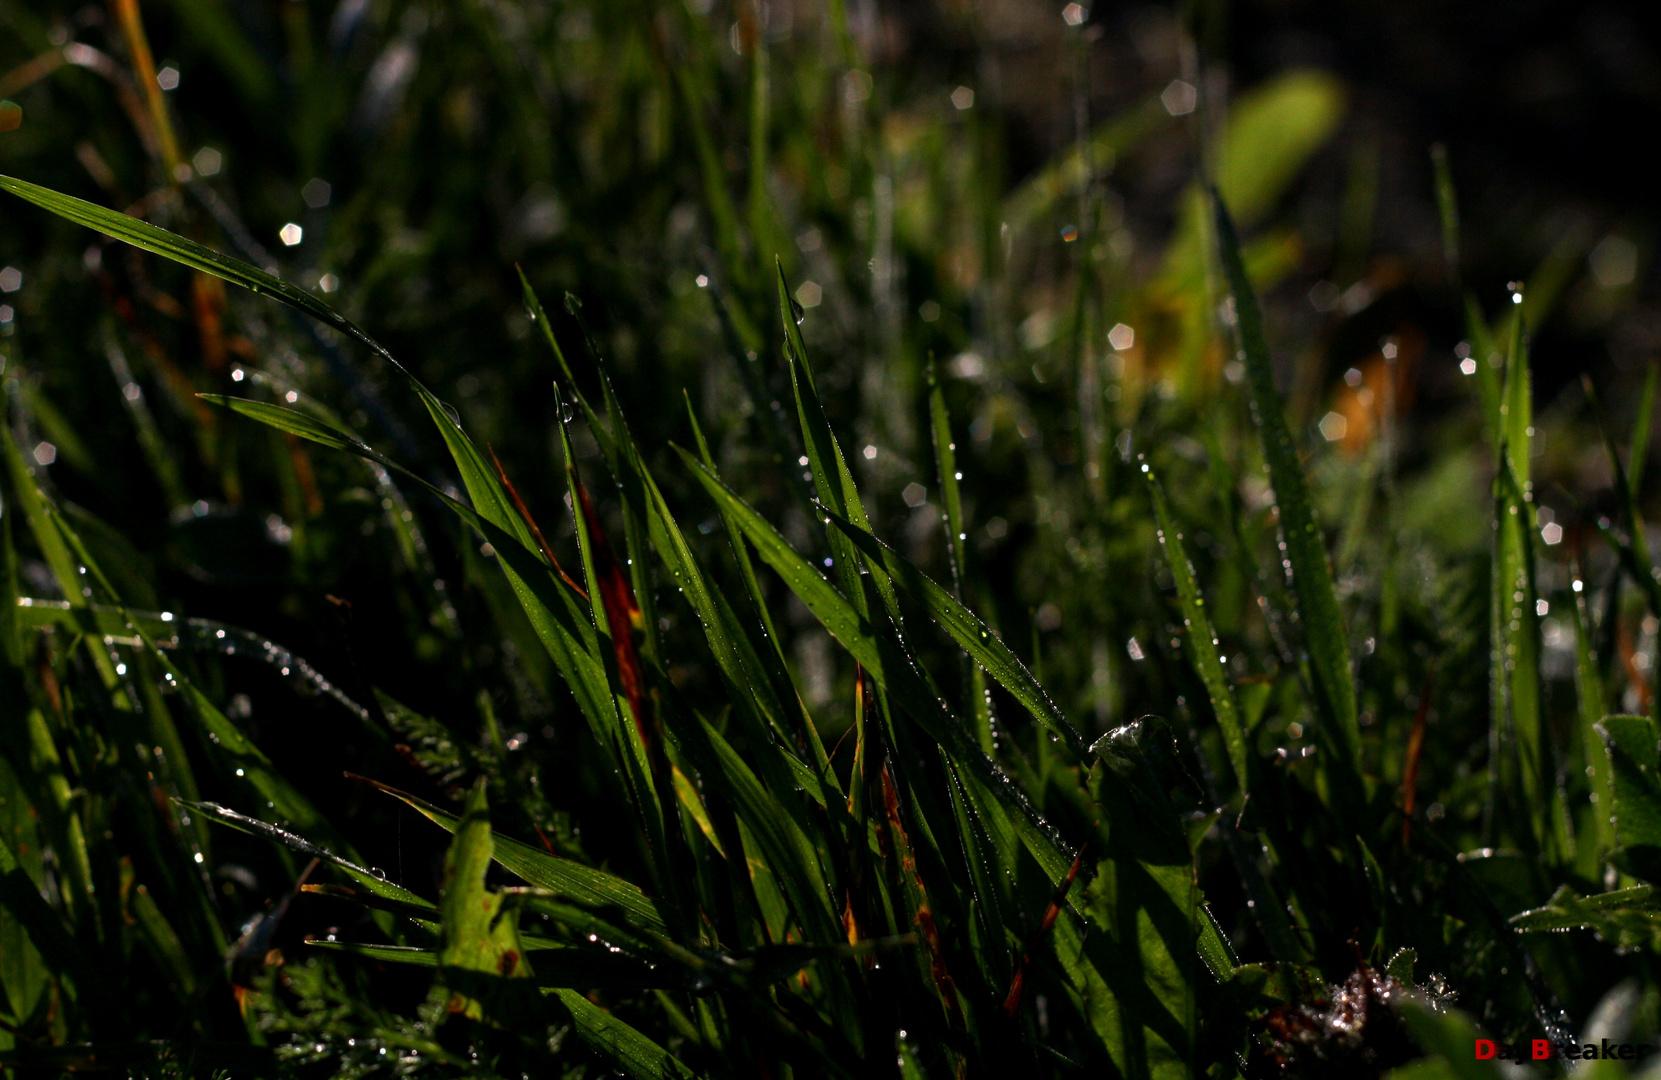 Grass in Sundawn